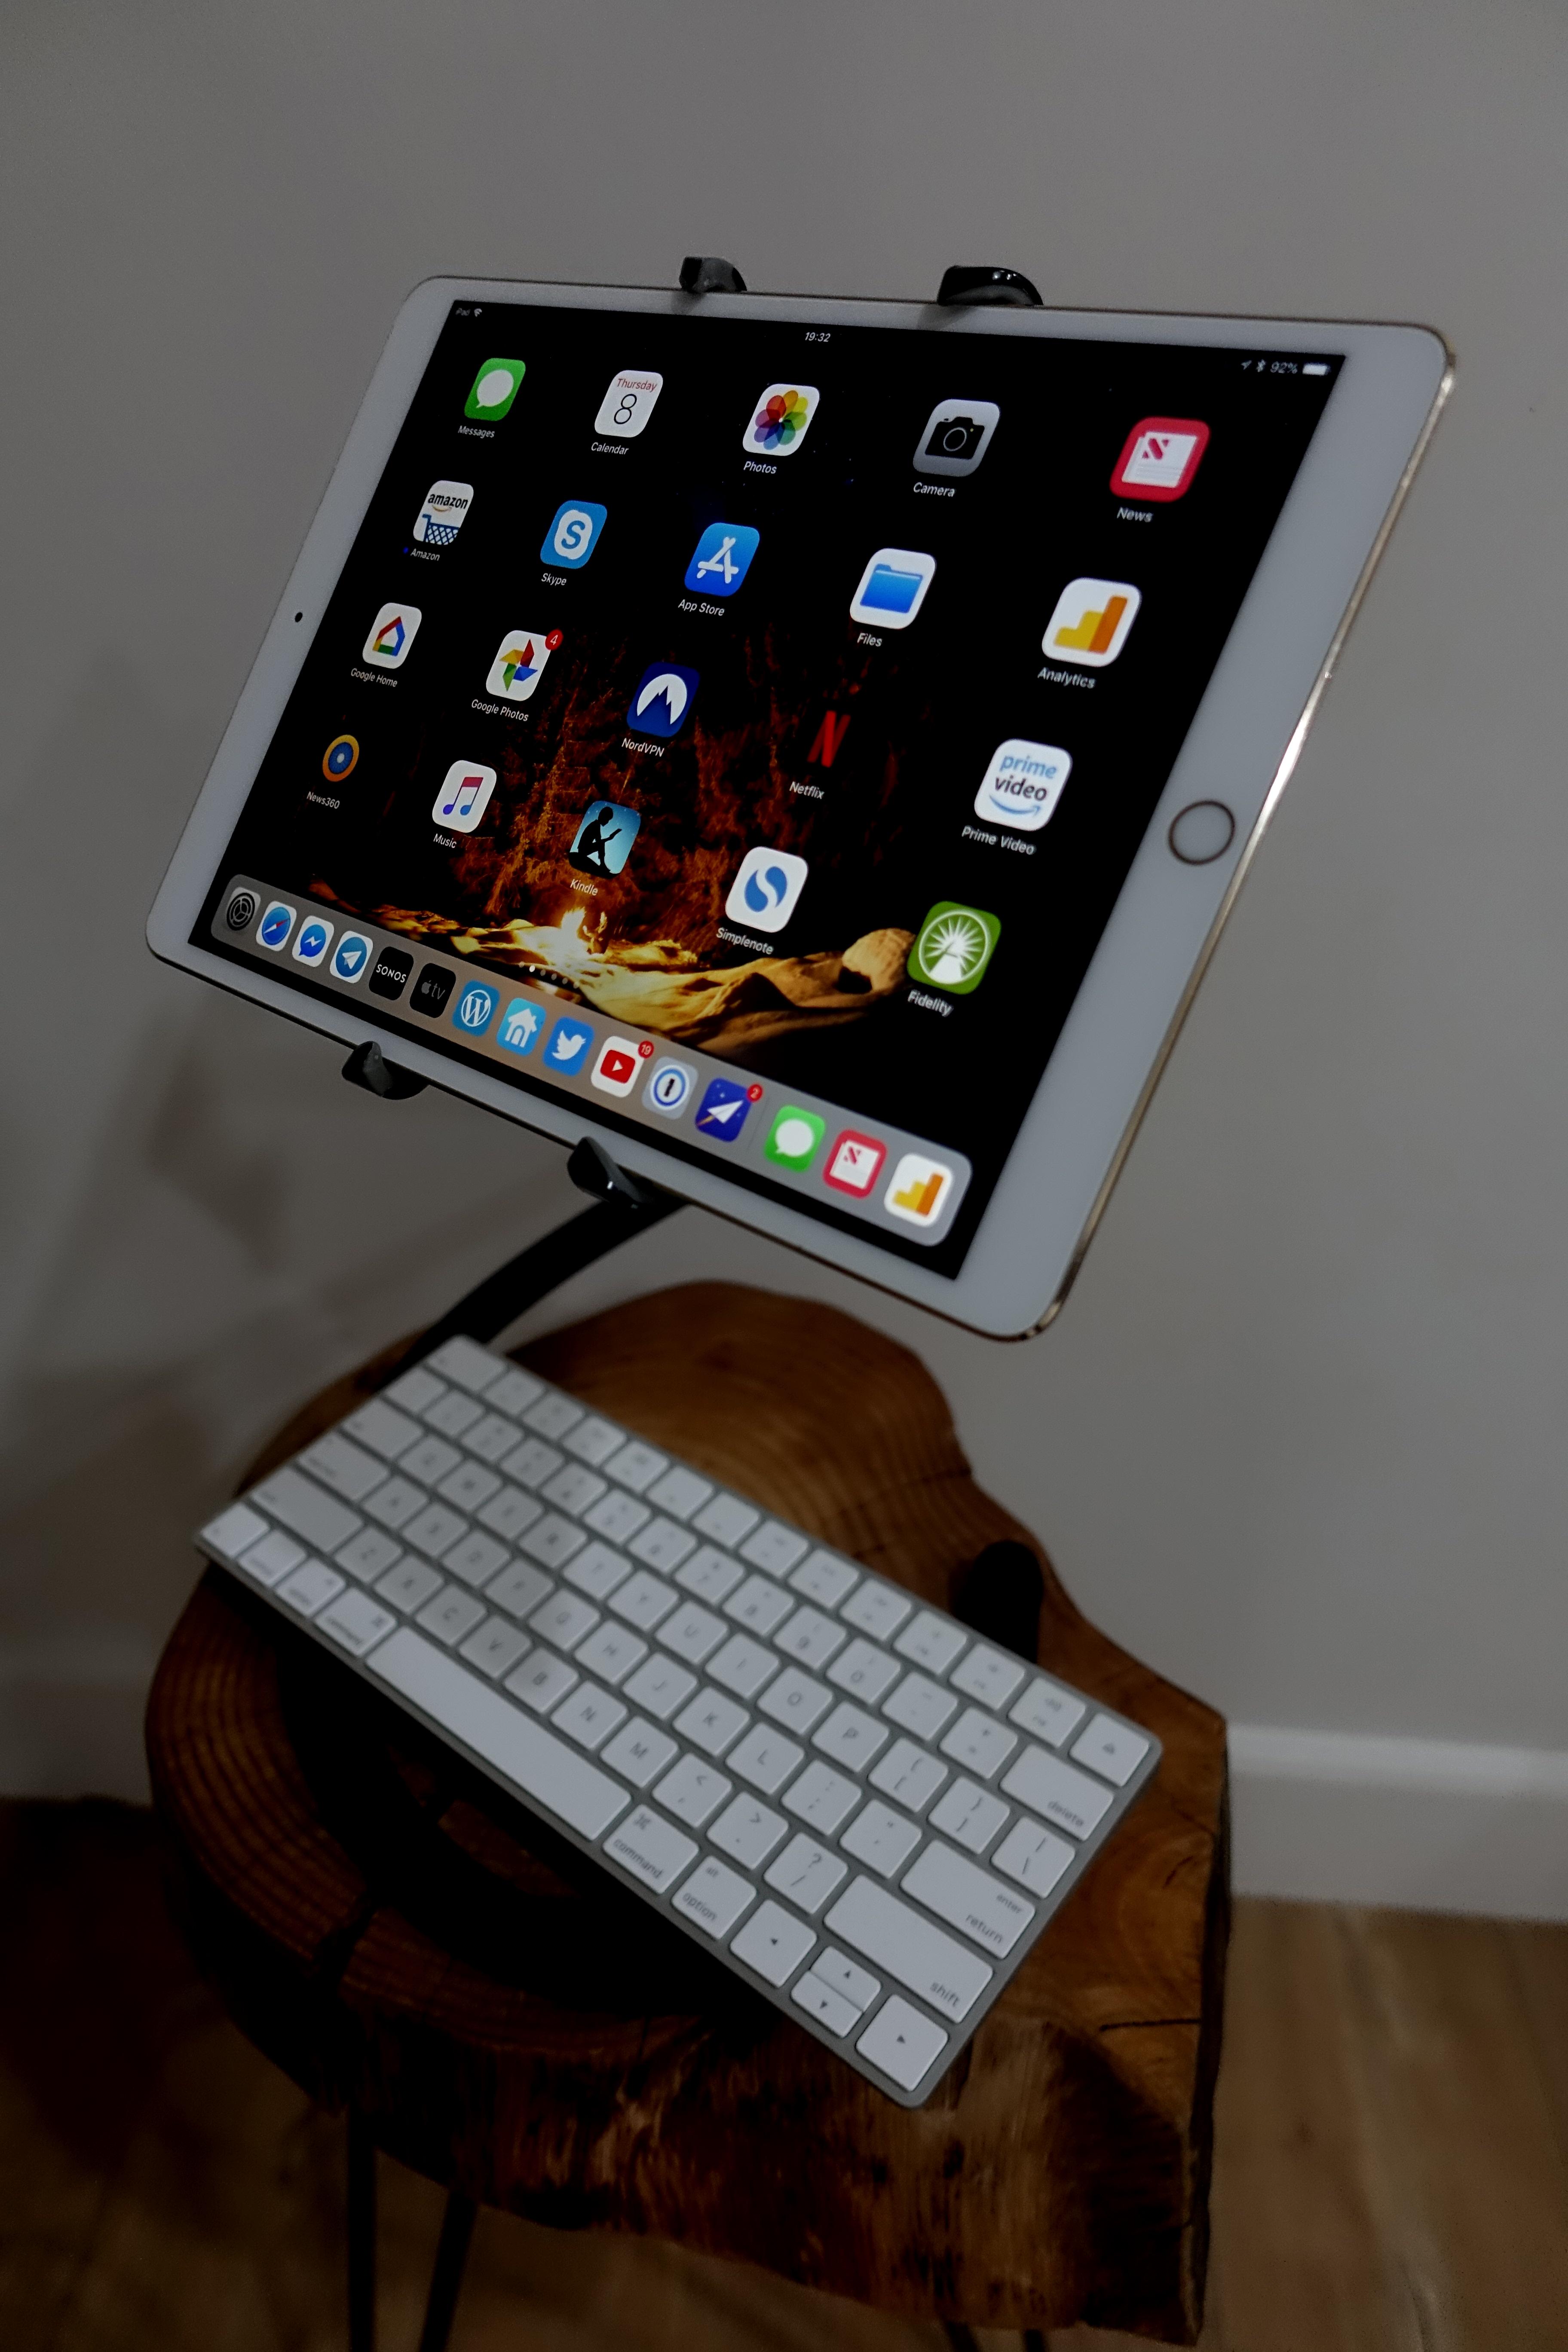 Spider Monkey gjør det enkelt å jobbe og la seg underholde med iPad-en, eller et hvilket som helst nettbrett, egentlig.